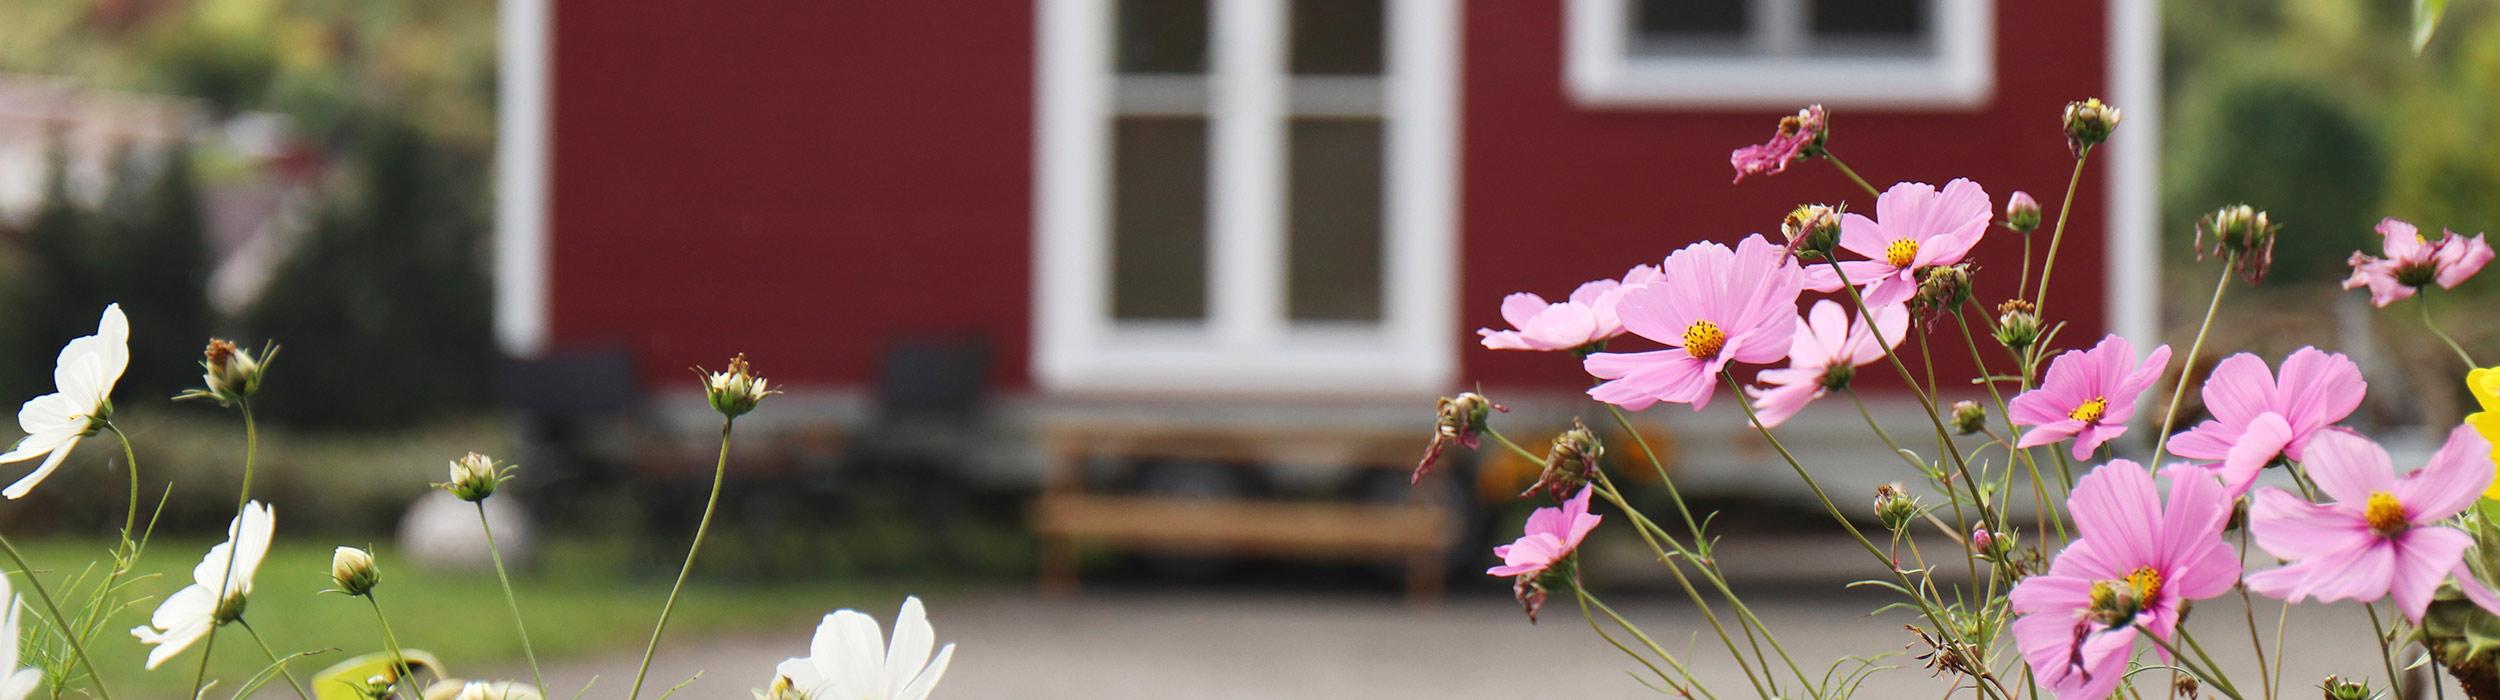 Pinke und weiße Blumen